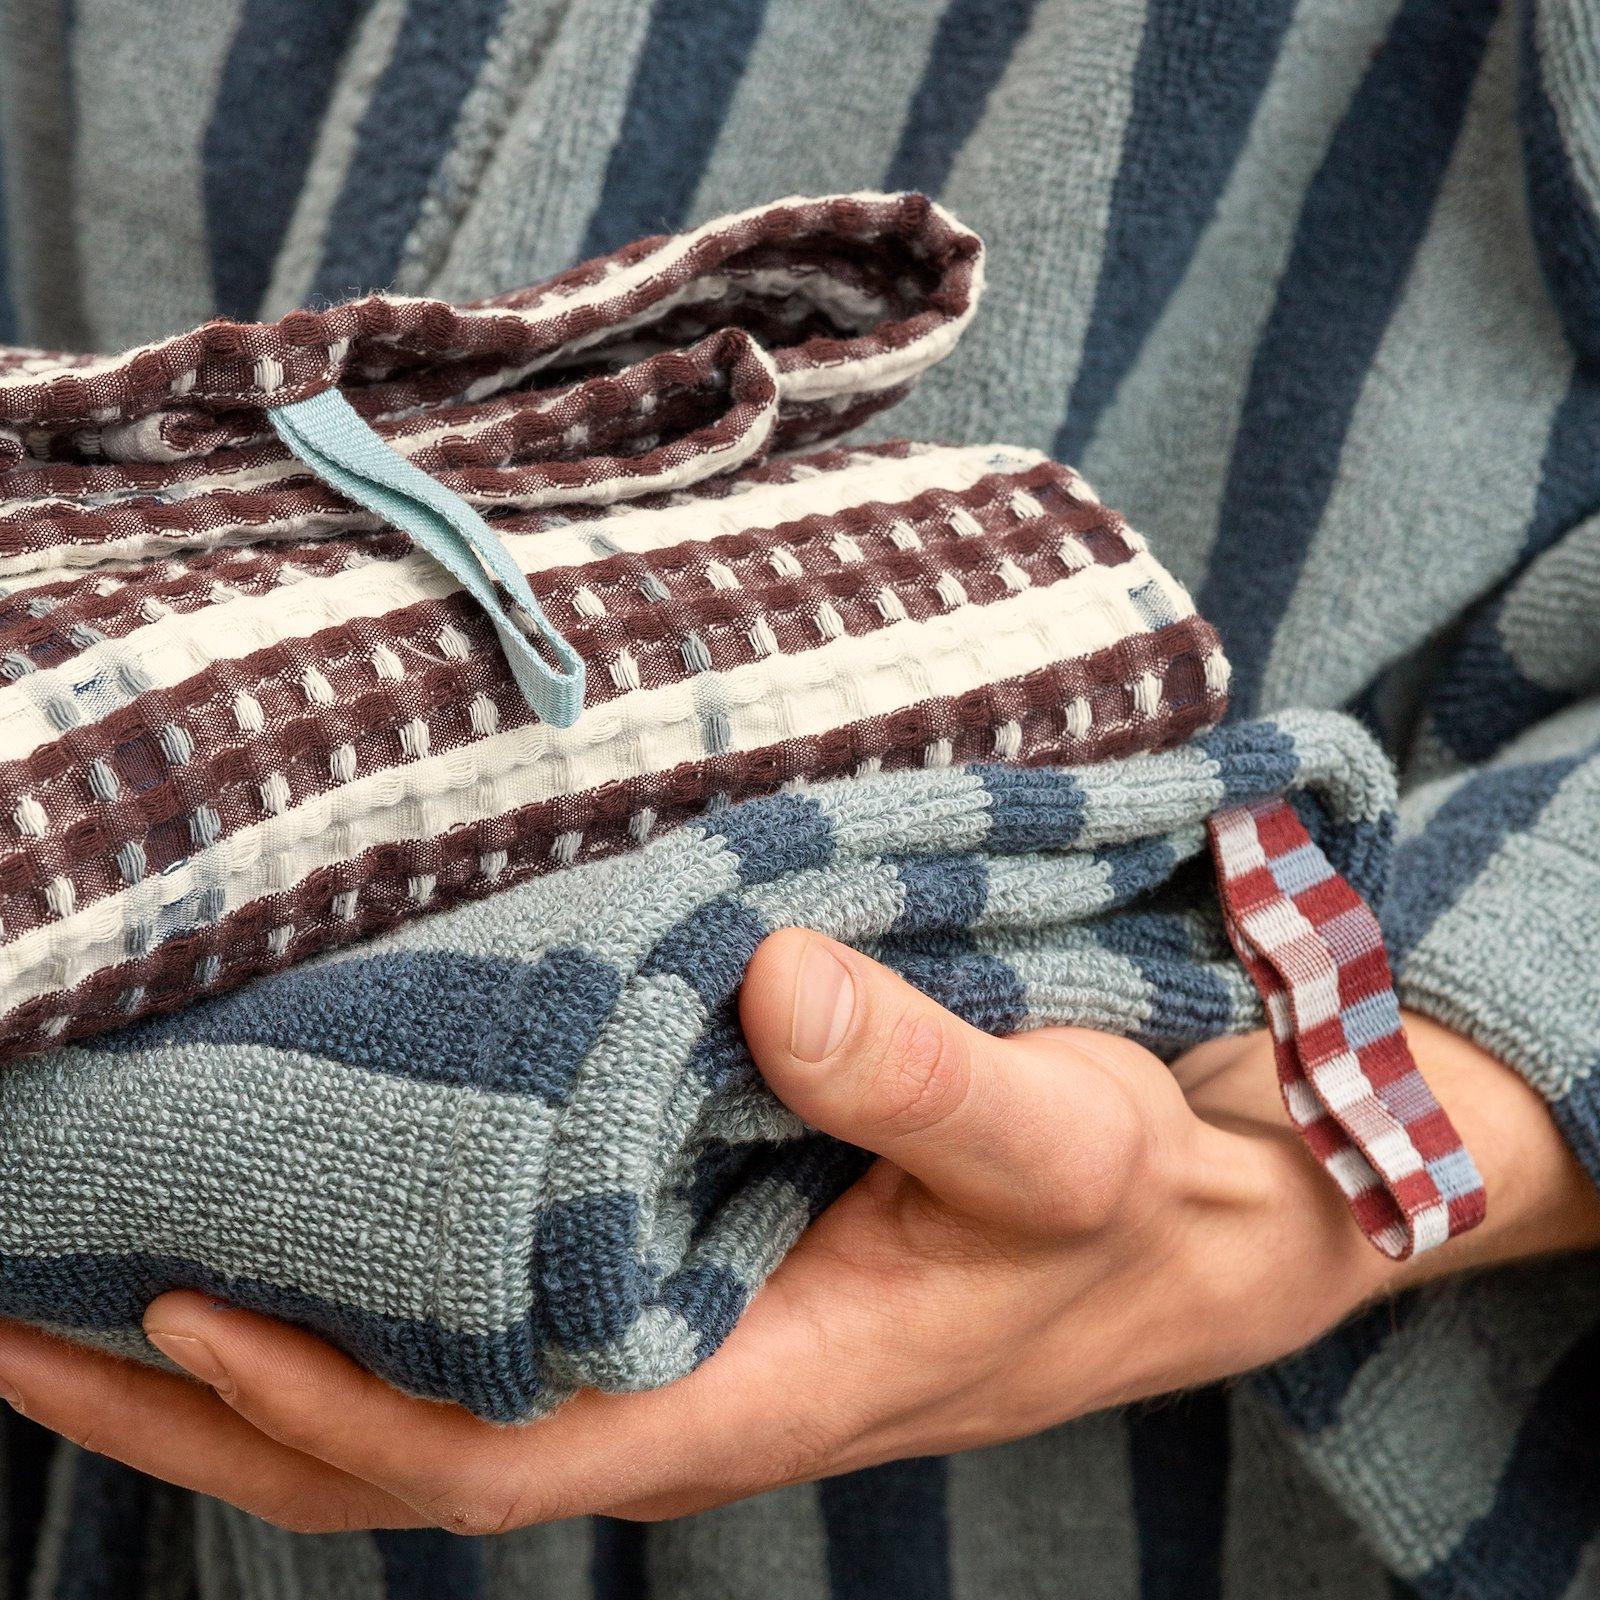 Woven jacquard YD brown/white stripes 501899_250756_22313_22398_bundle